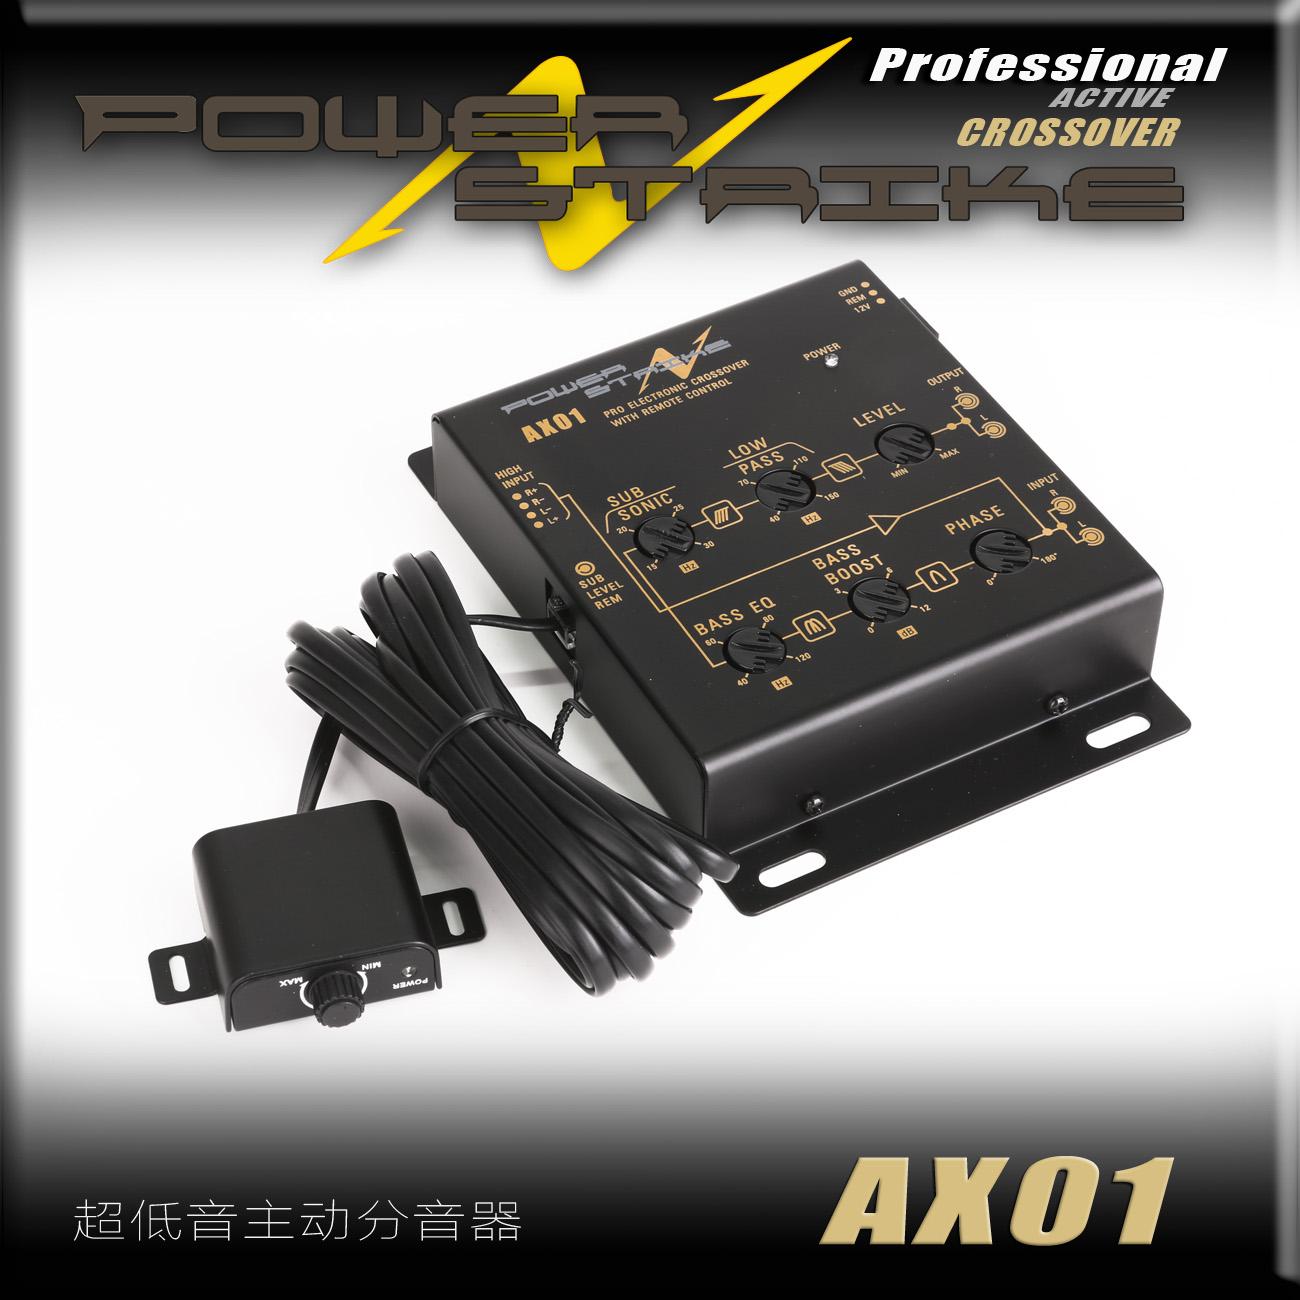 Bộ chuyển đổi âm thanh xe hơi AX01 bộ chia từ hoạt động đơn cho bộ khuếch đại 4 kênh 2 loa có loa siêu trầm - Âm thanh xe hơi / Xe điện tử